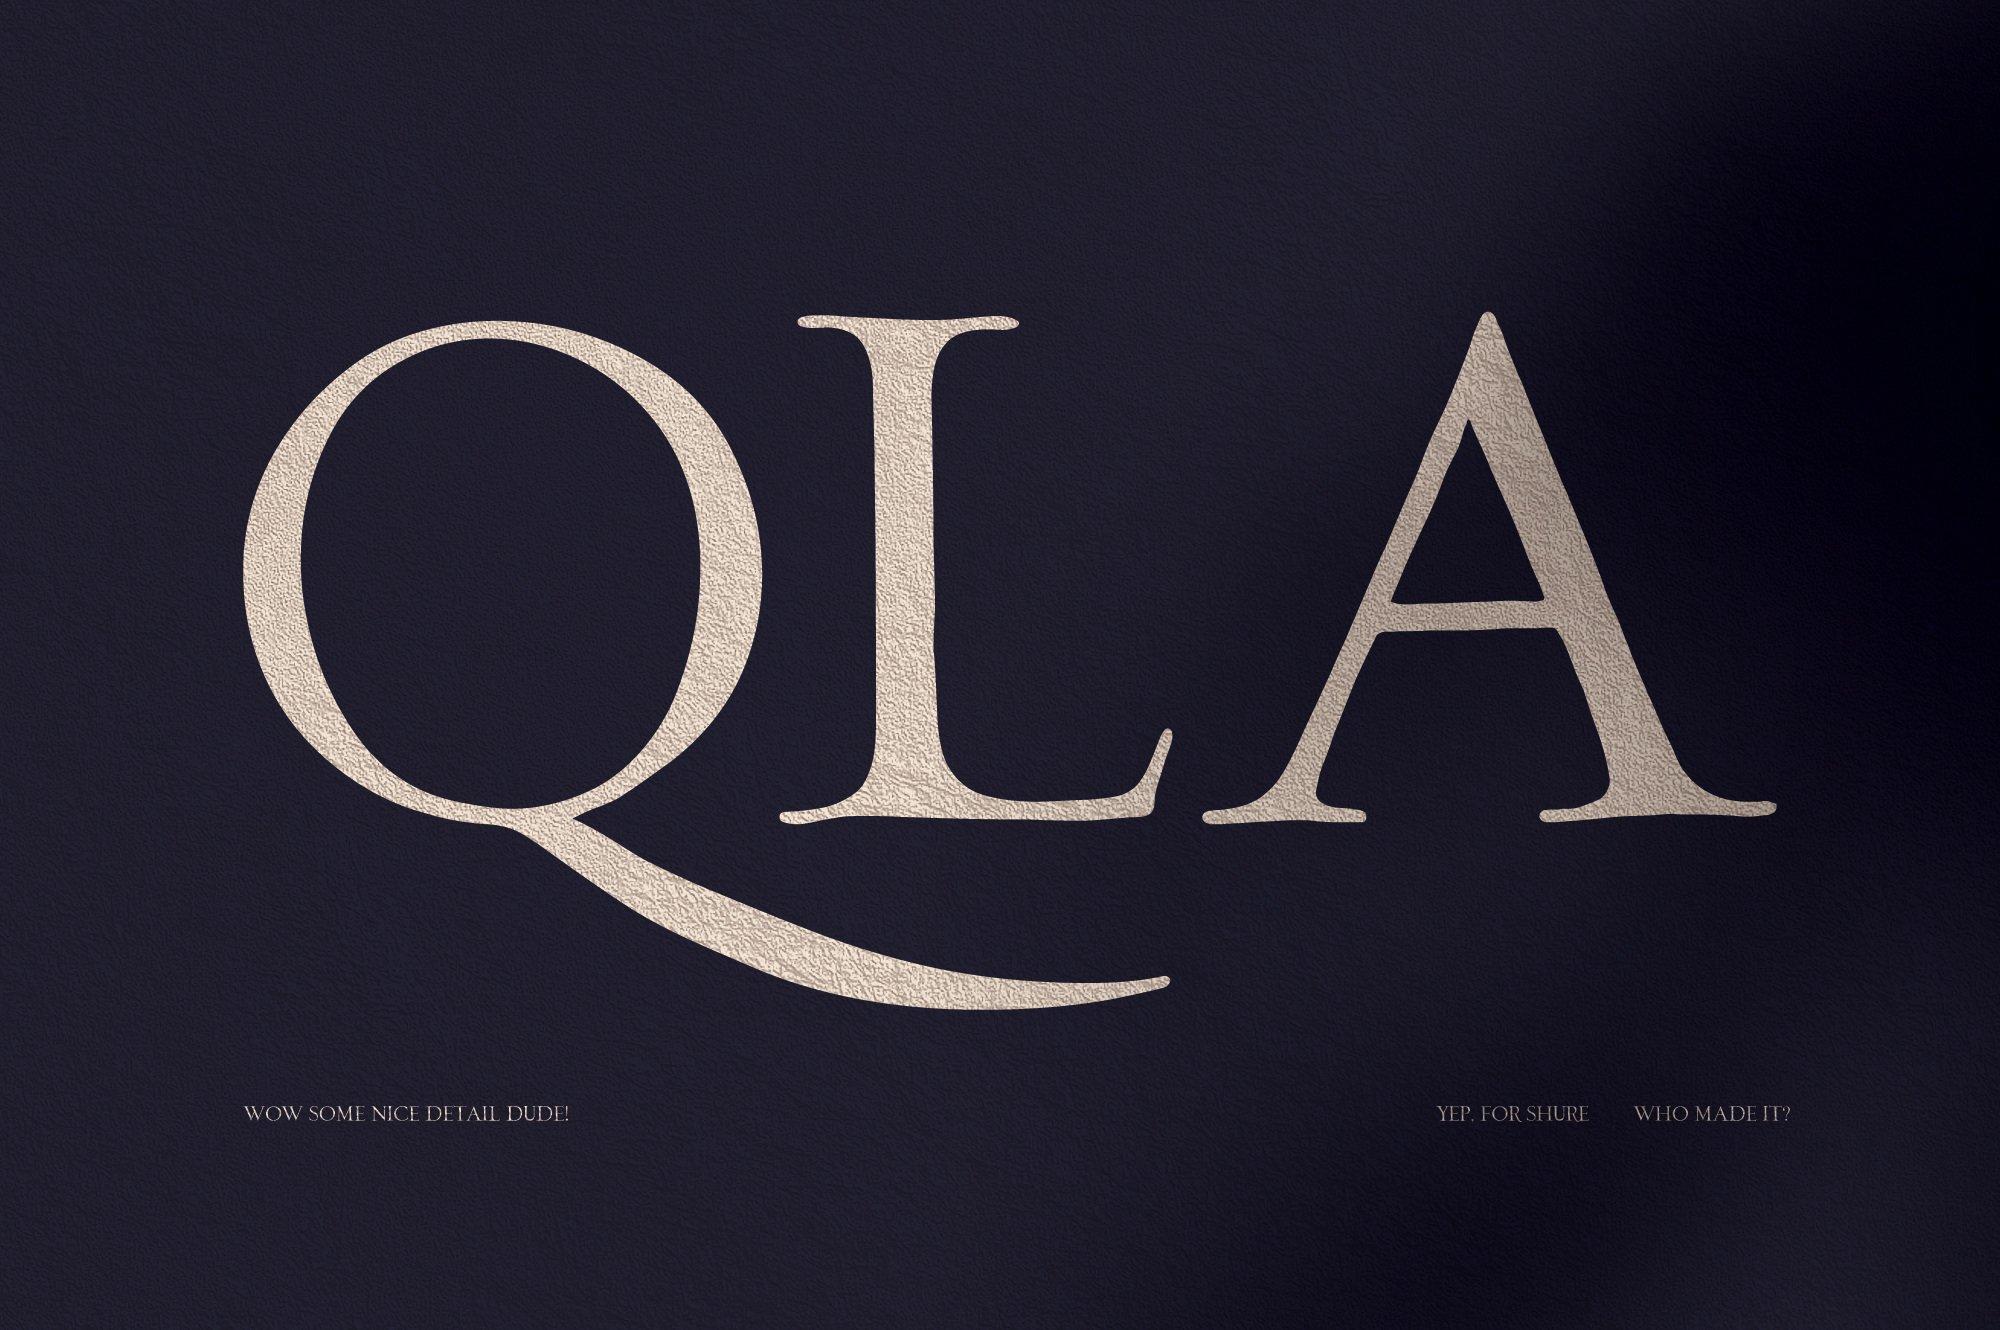 优雅轻奢时尚现代品牌Logo标题衬线英文字体设计素材 Loki – Serif Script Font插图2